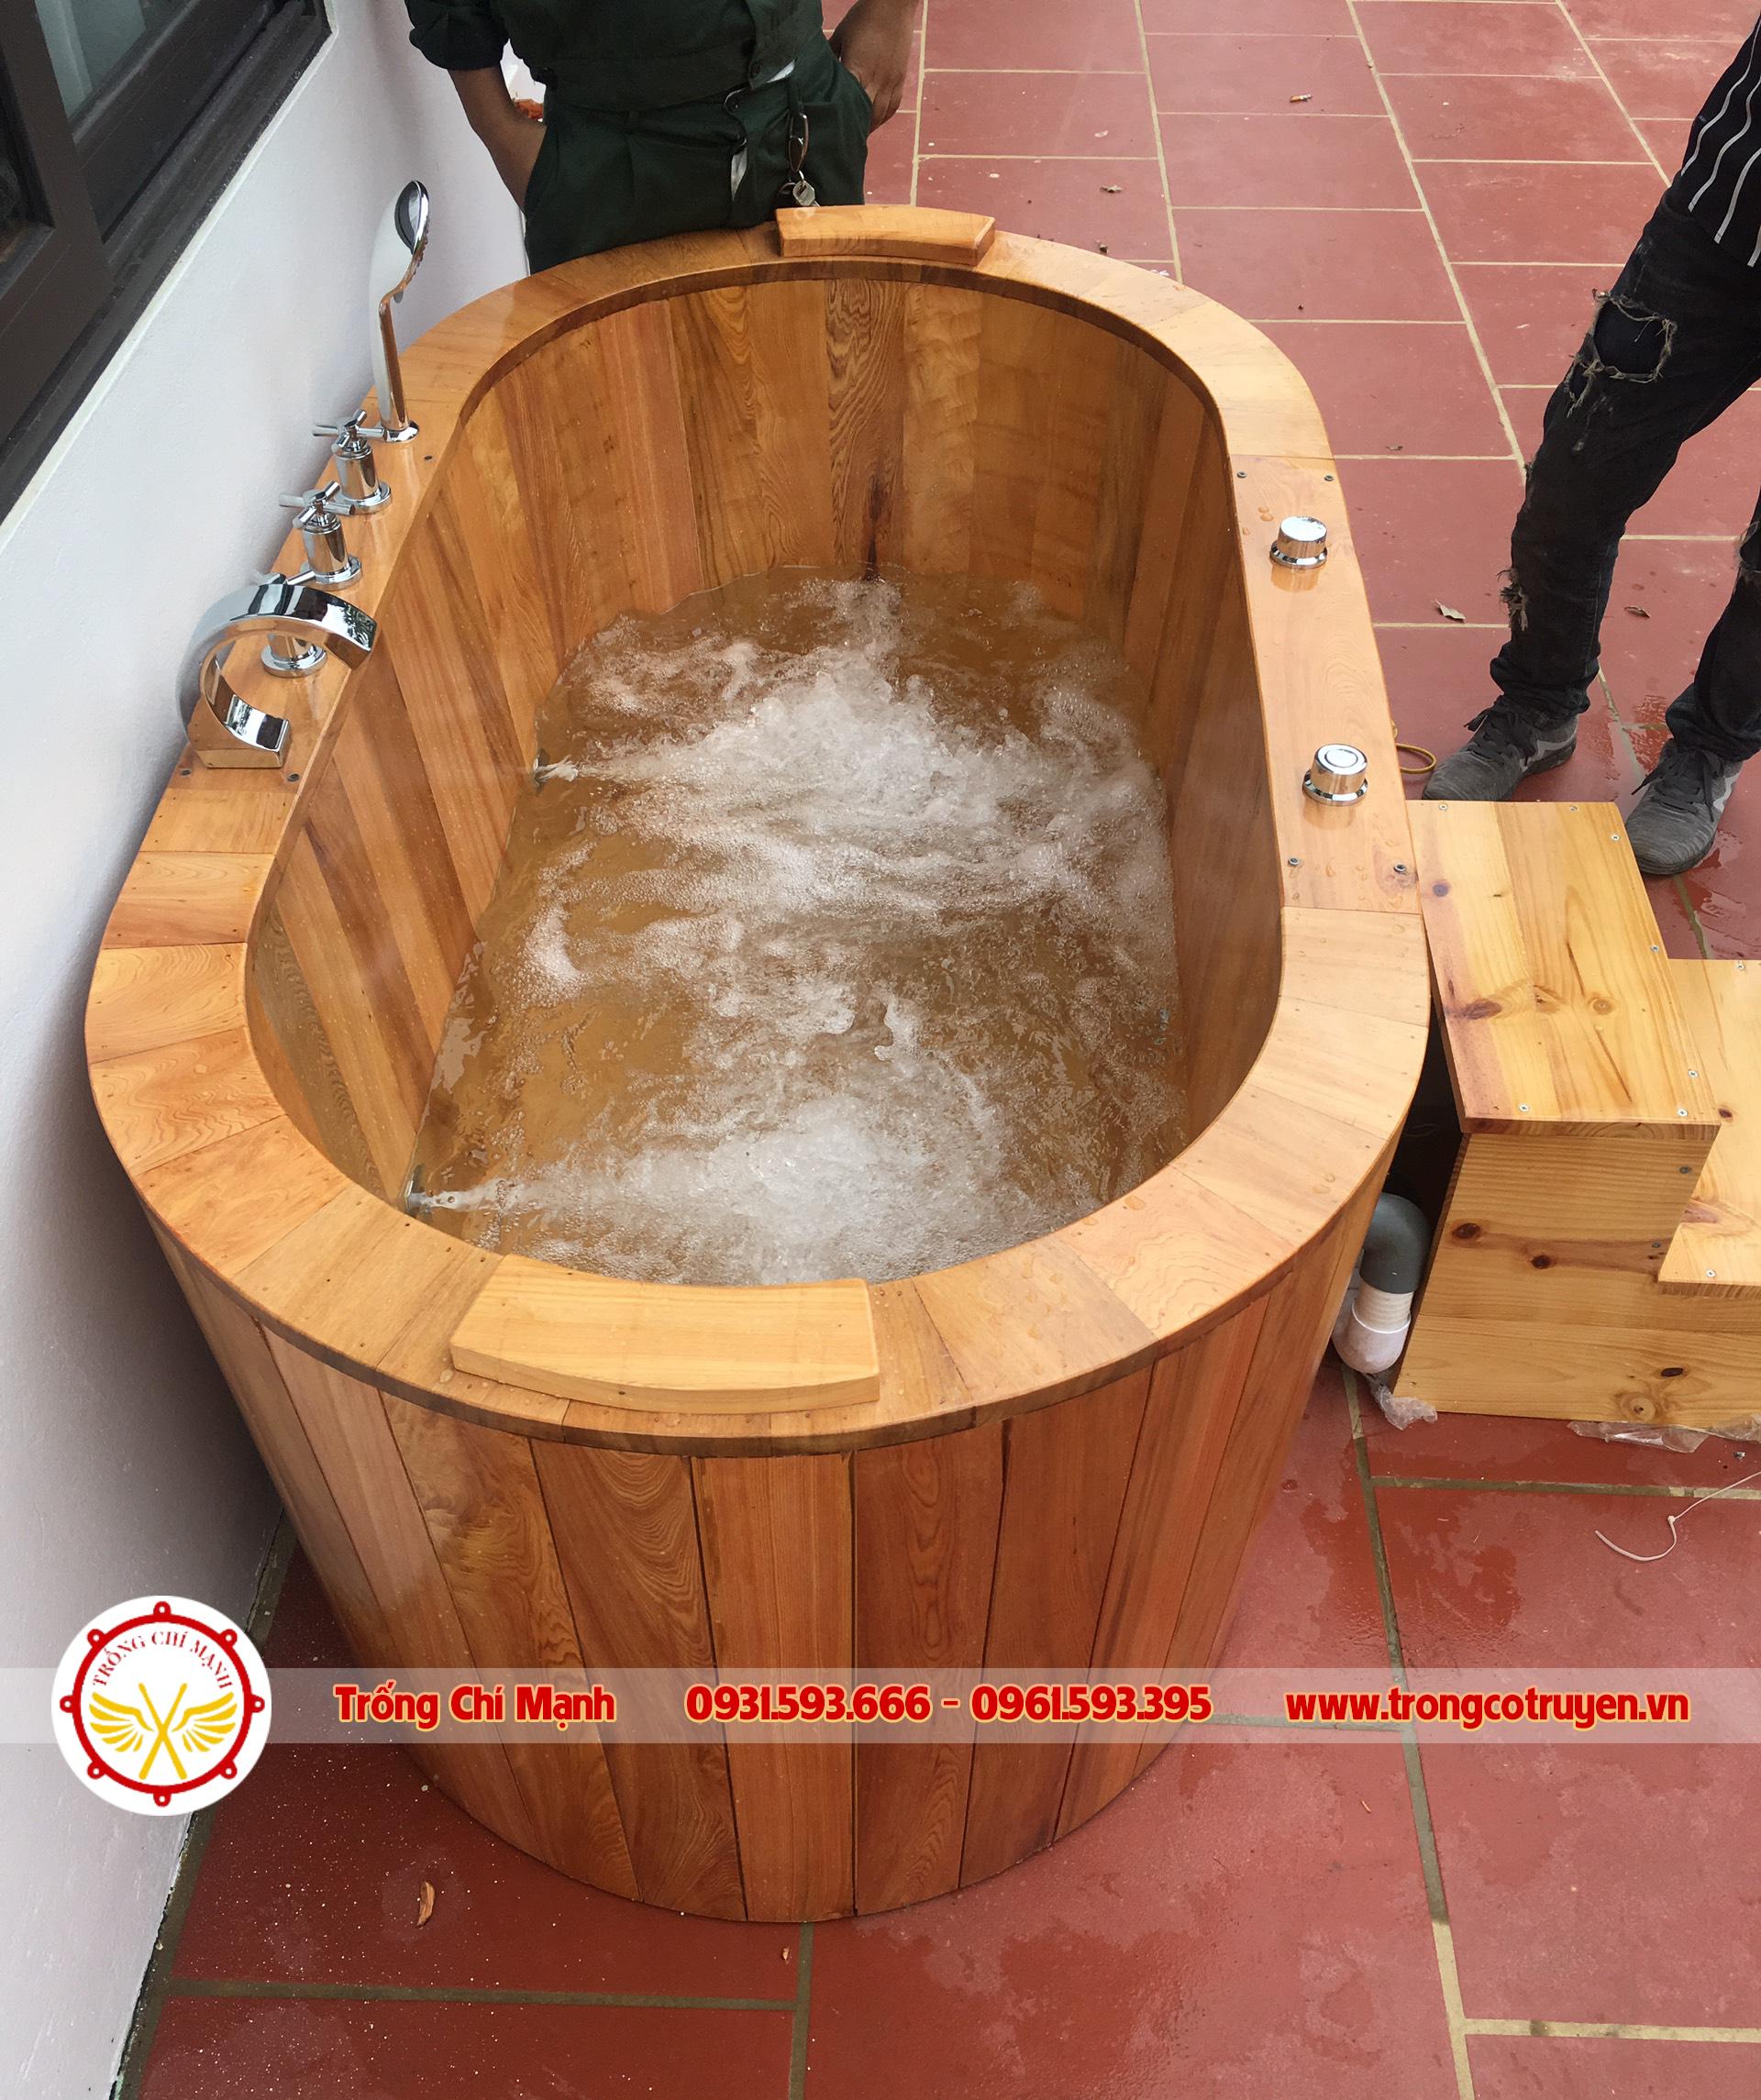 Bồn tắm gỗ sục massage giúp thư giãn, lấy lại tinh thần và nâng cao sức khỏe